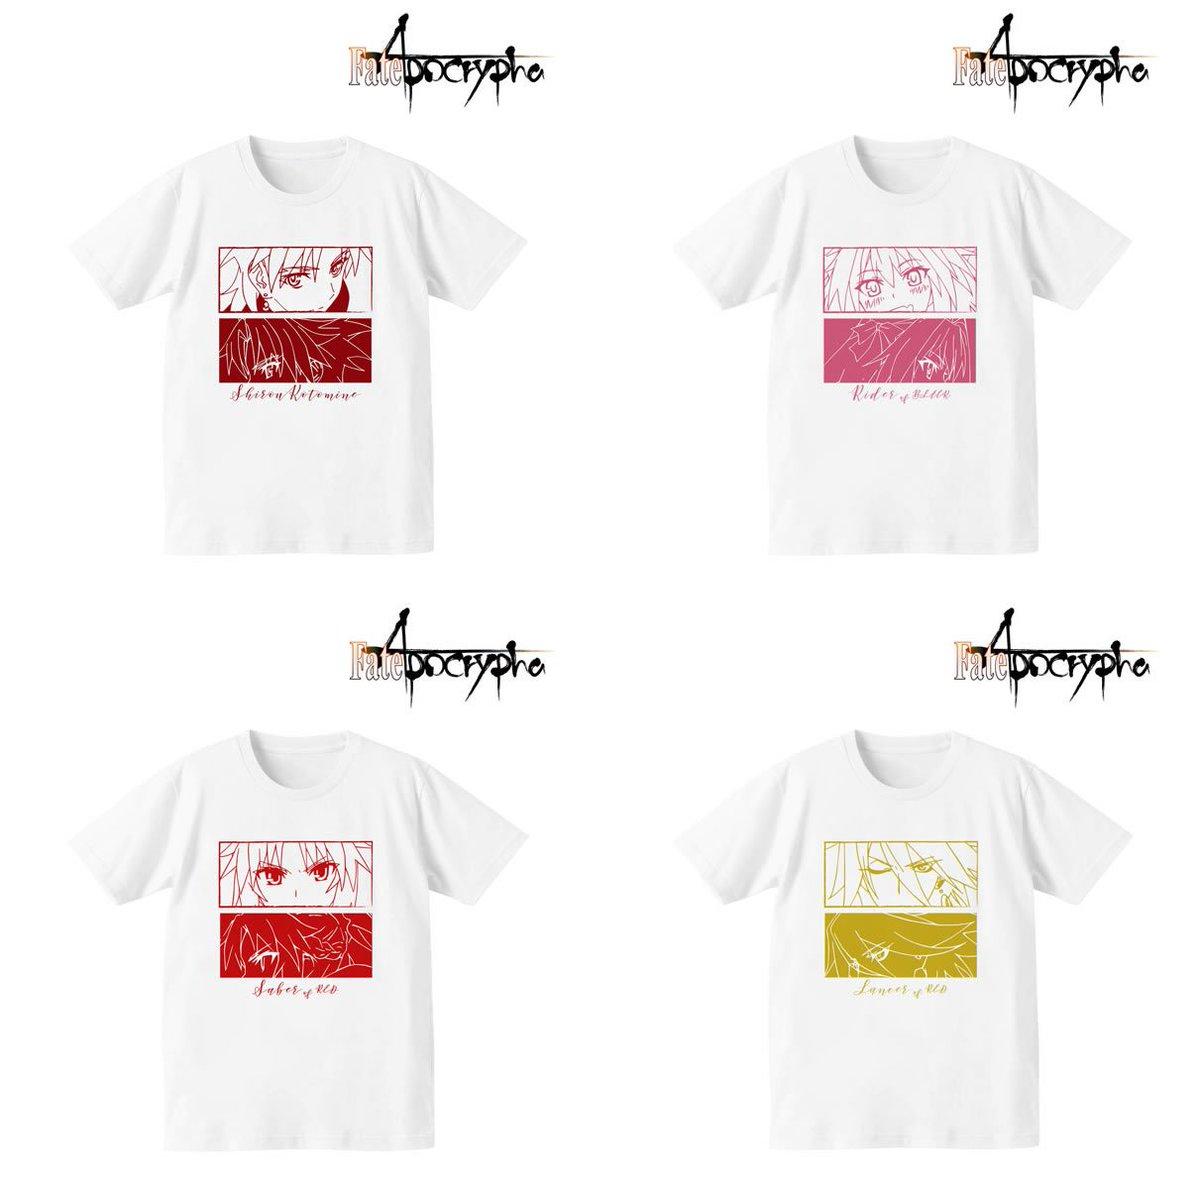 Fate/Apocrypha 赤のランサー Tシャツ レディースに関する画像3